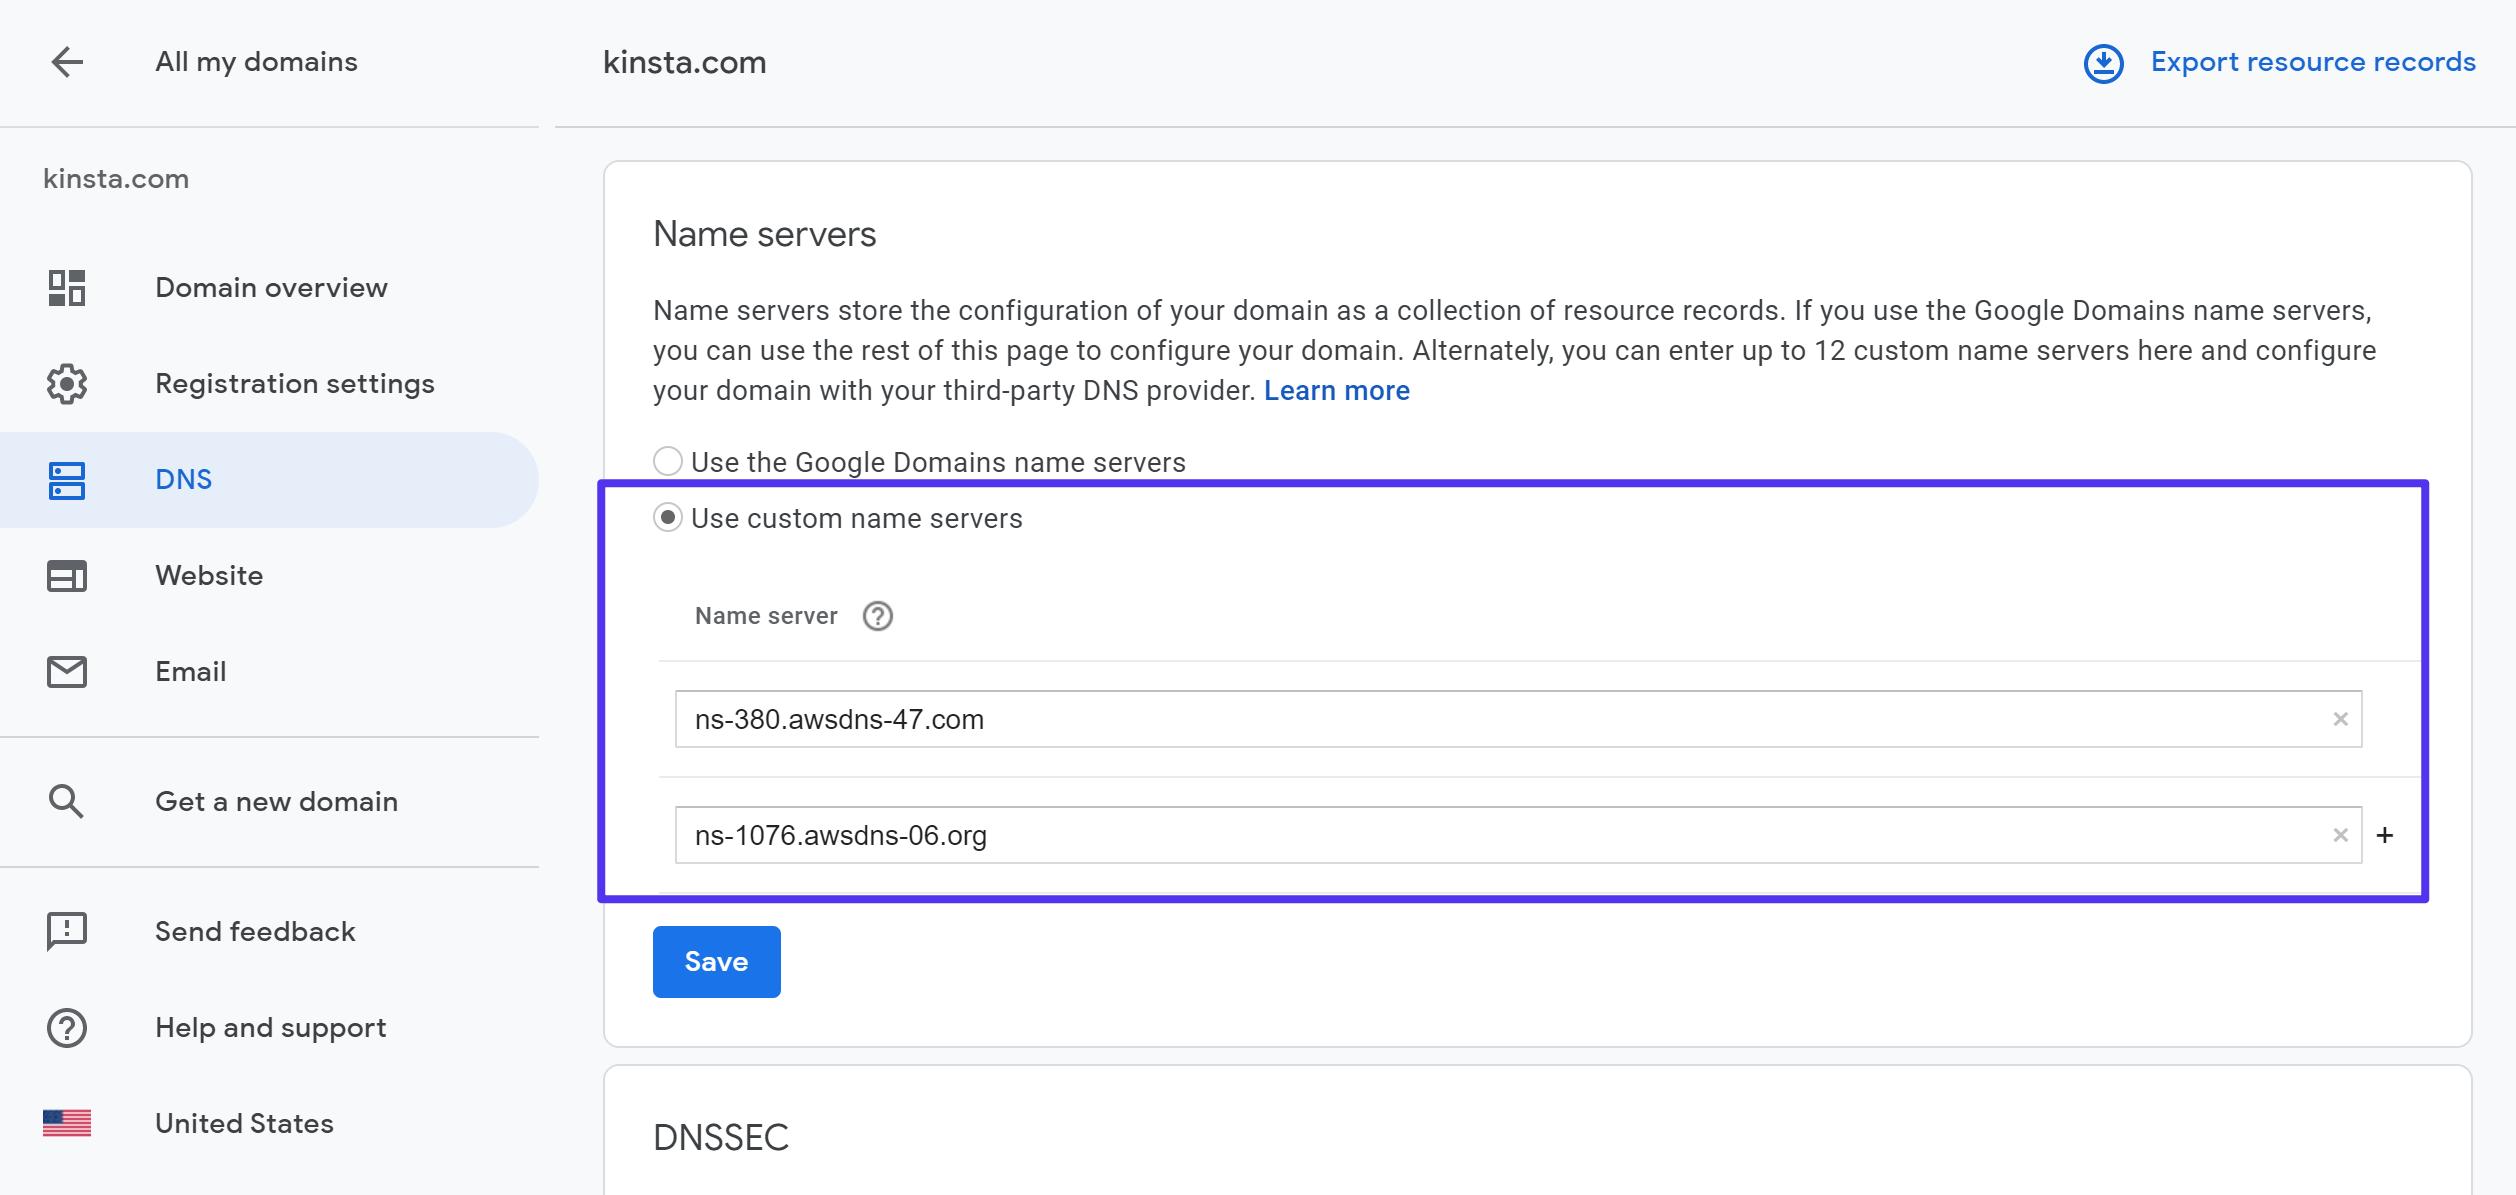 Sådan bruges dine egne navneservere på Google Domains